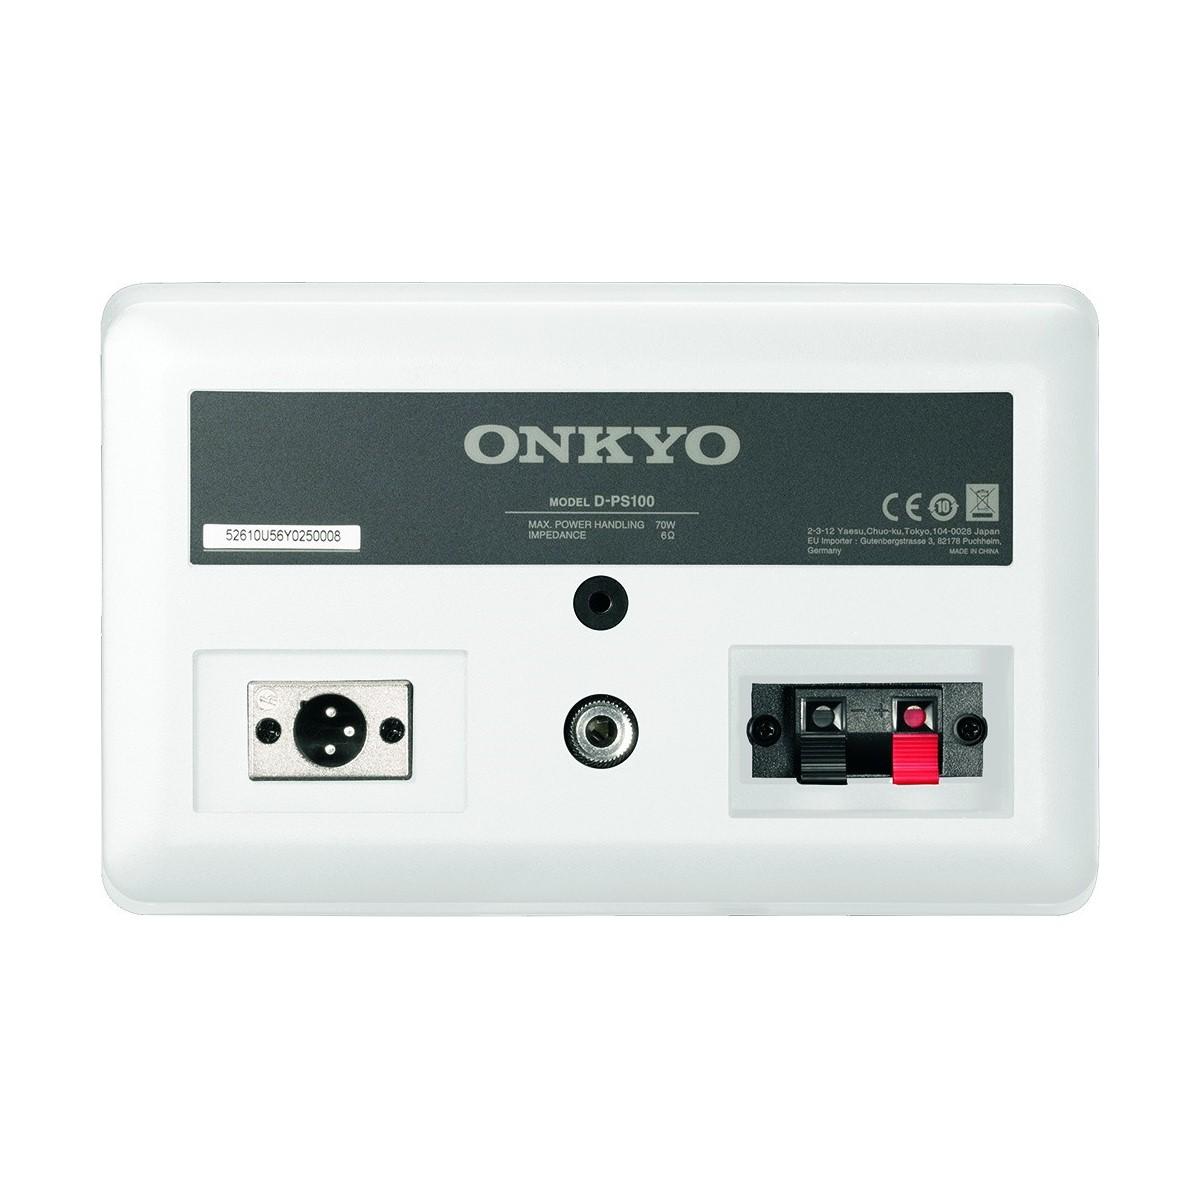 Onkyo d-ps100 bijeli zadnja